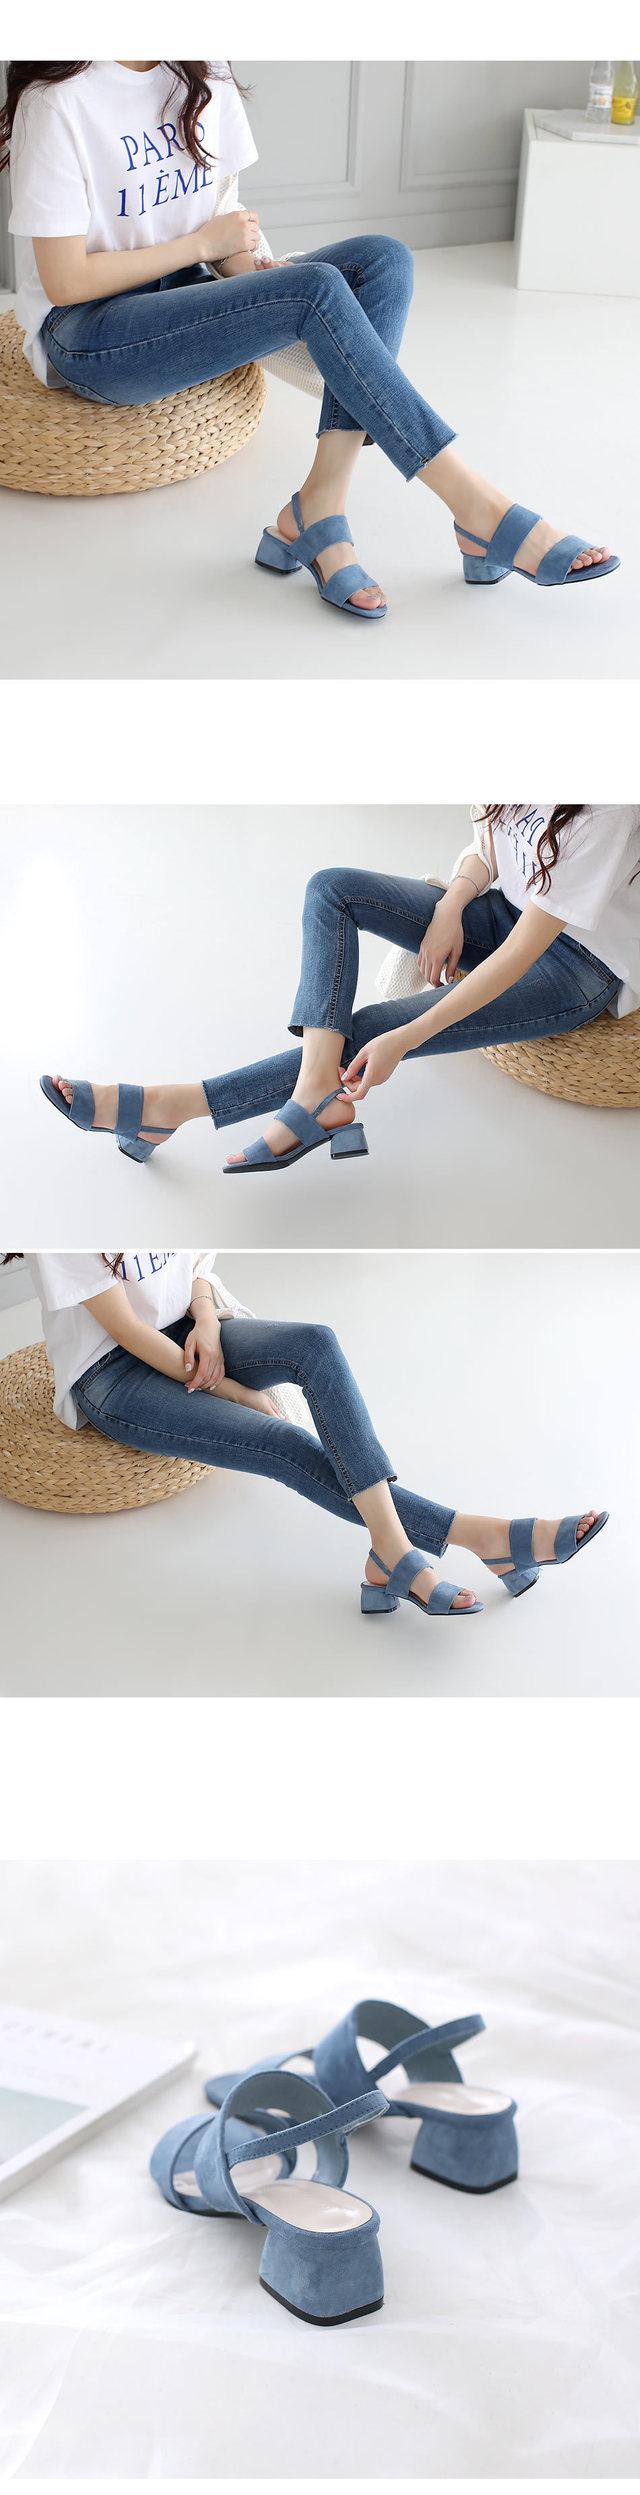 Waden Slingback Sandals 4.5cm